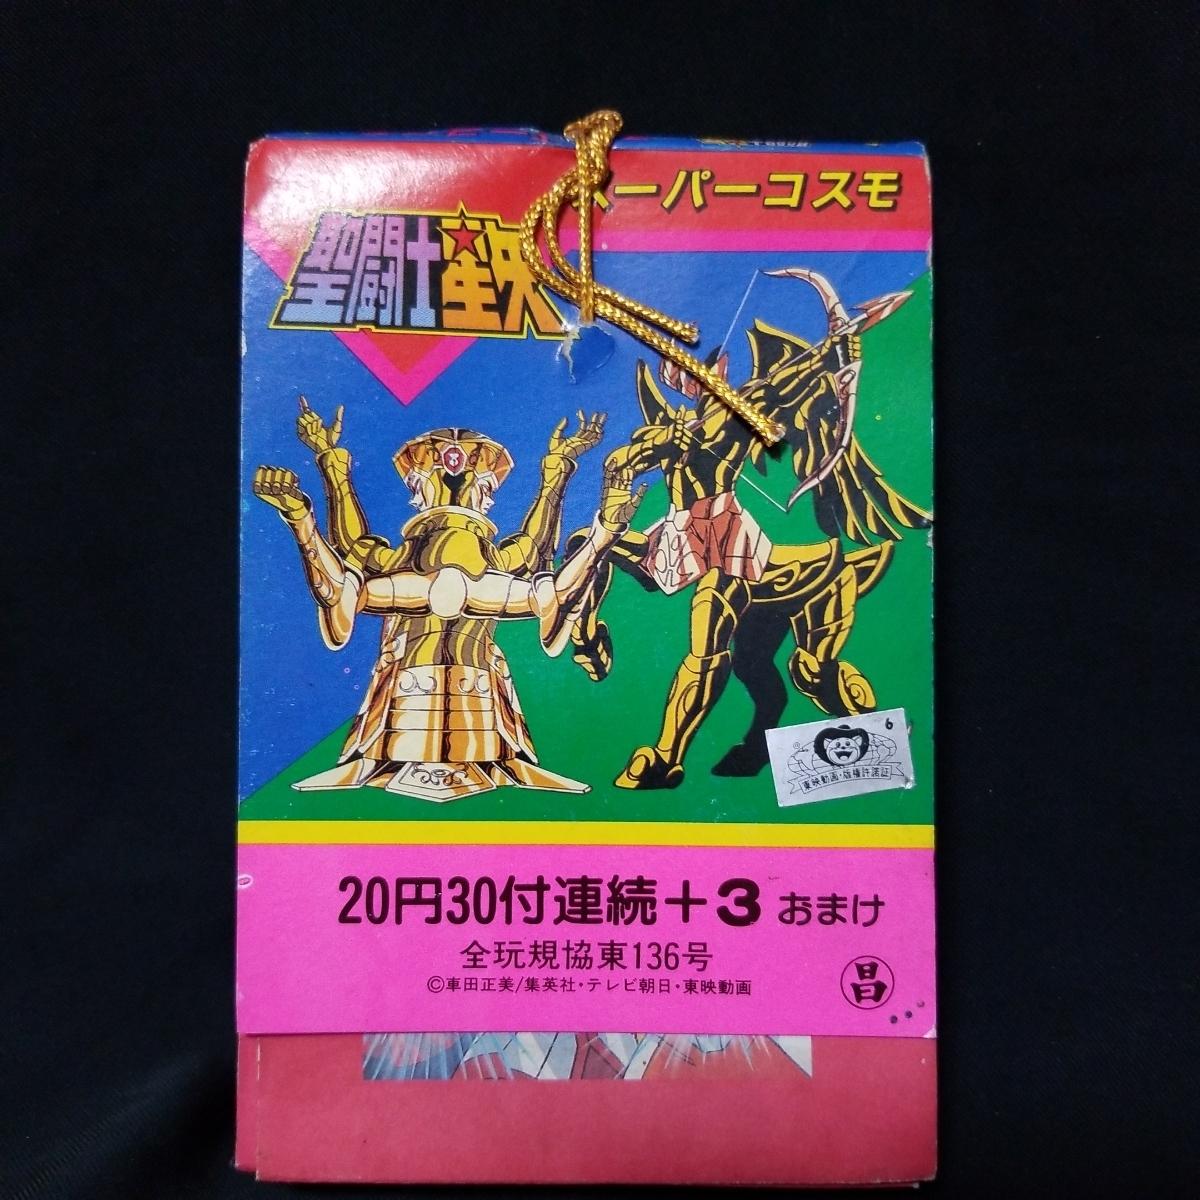 丸昌 聖闘士星矢 スーパーコスモ シール 未開封33枚 1束_画像2